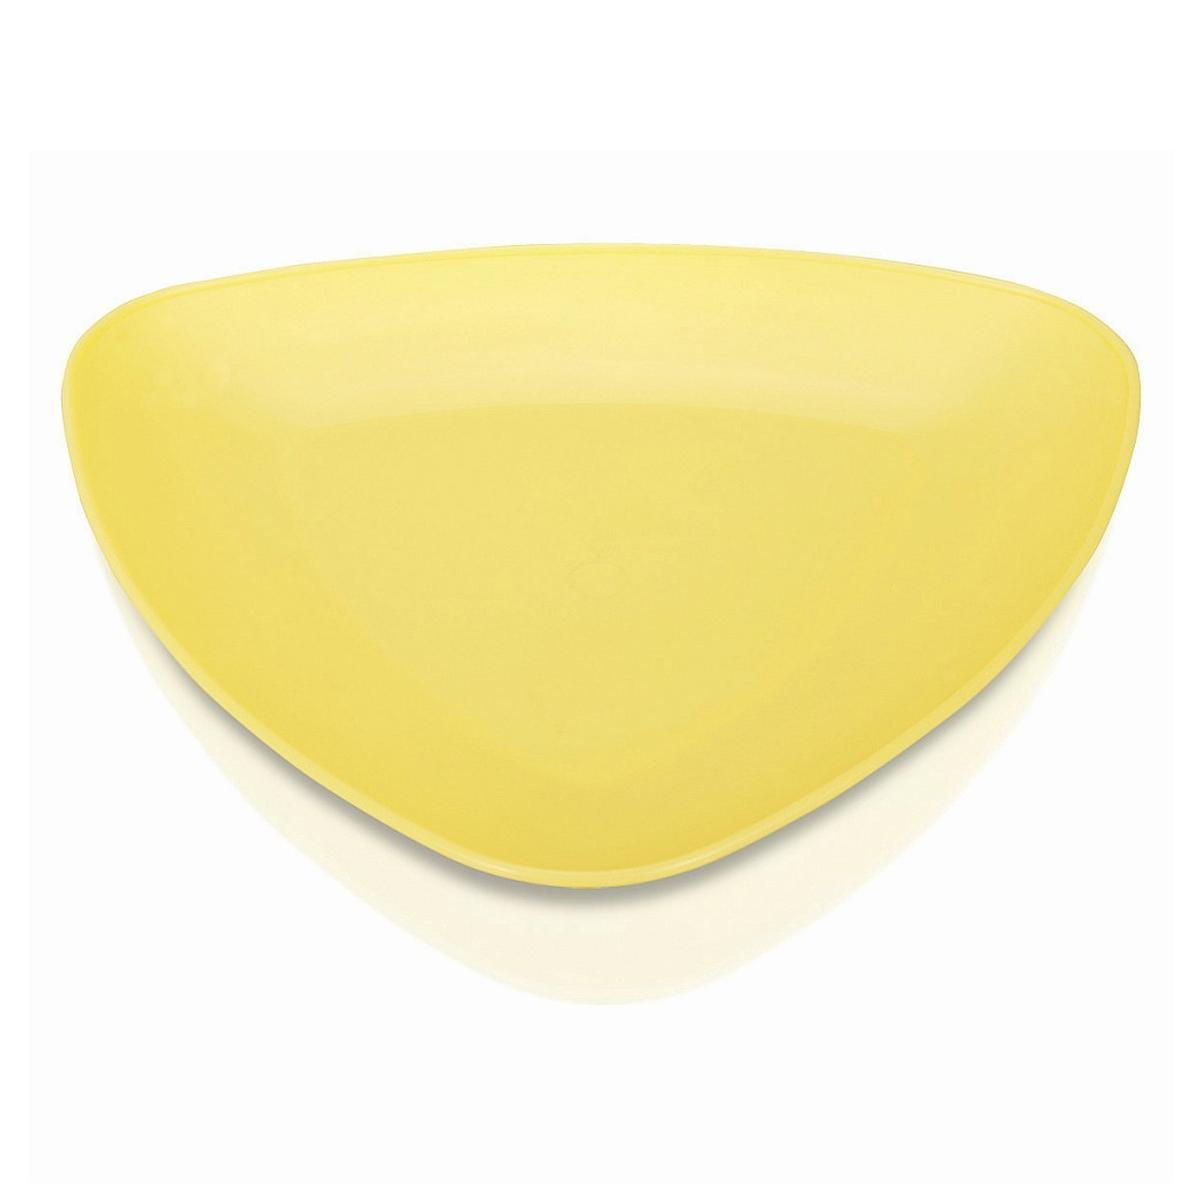 Тарелка Ucsan, треугольная, цвет в ассортименте, 23 х 23 смM-731Тарелка Ucsan изготовлена из высококачественного пищевого пластика, имеет треугольную форму. Изделие прекрасно подойдет для сервировки различных закусок. Необычная форма и яркие цвета позволят стать такой тарелке красивым дополнением сервировки стола. Можно мыть в посудомоечной машине. Уважаемые клиенты! Товар поставляется в цветовом ассортименте. Отгрузка производится из имеющихся в наличии цветов. Размер тарелки: 23 см х 23 см х 1 см.